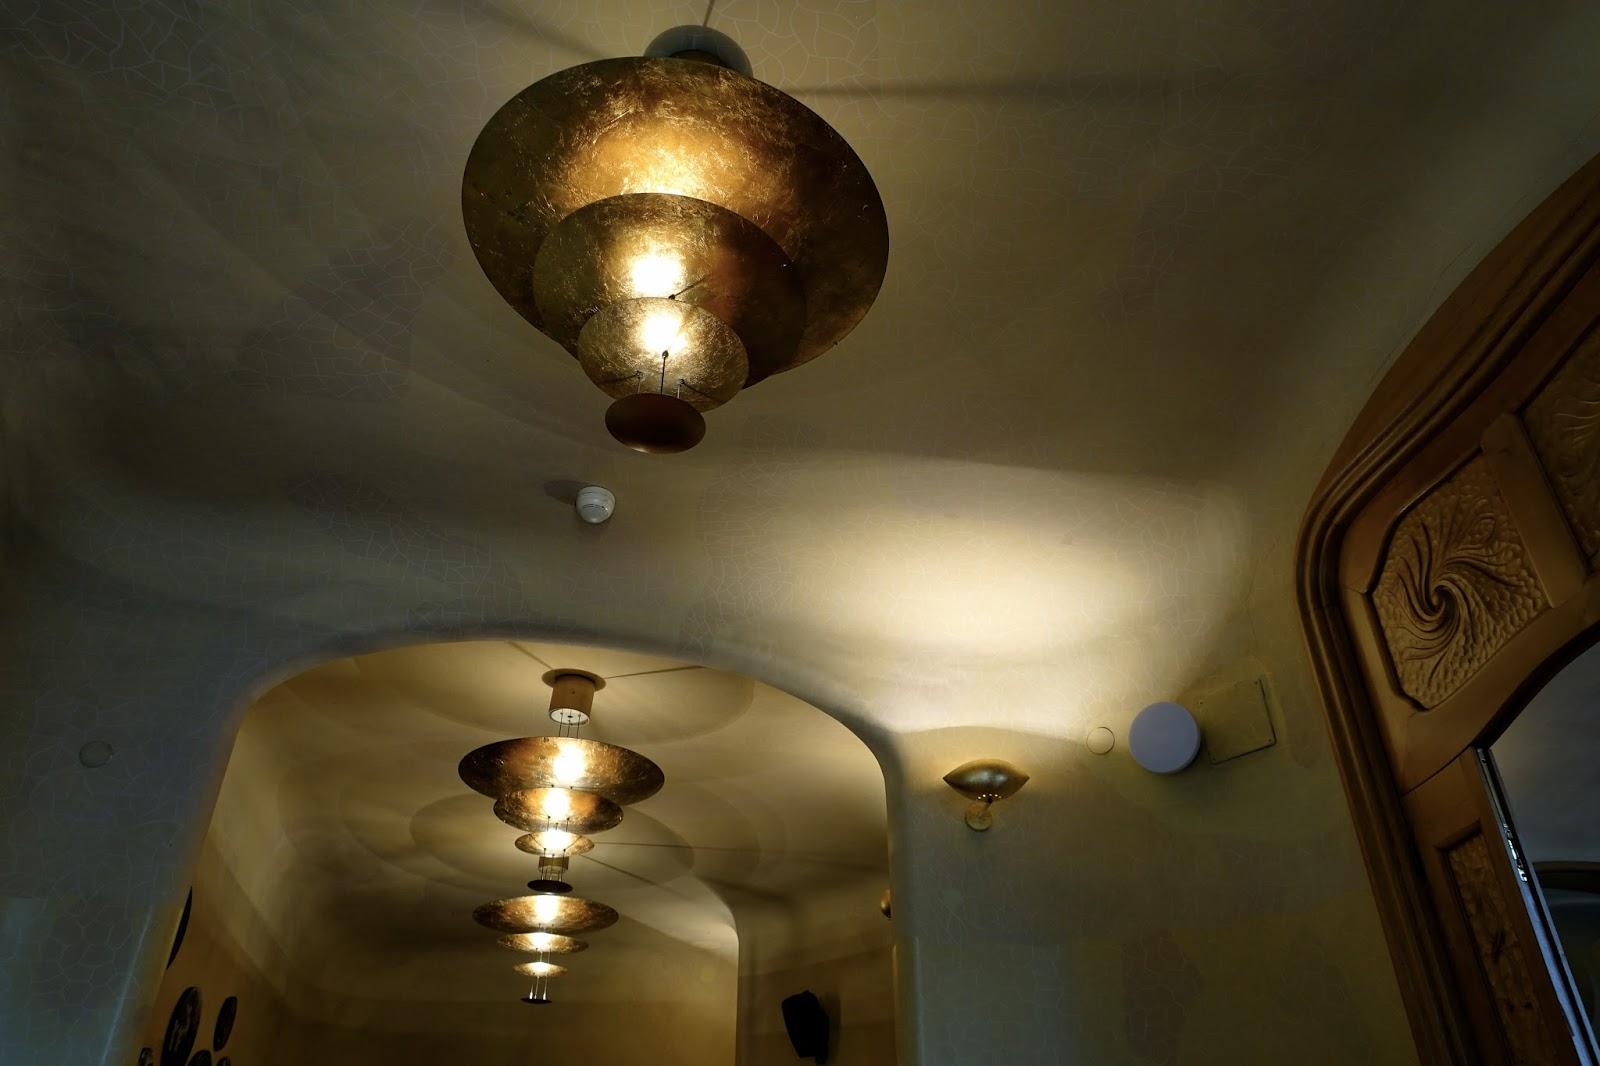 カサ・バトリョ(Casa Batlló)の休憩スペースの天井